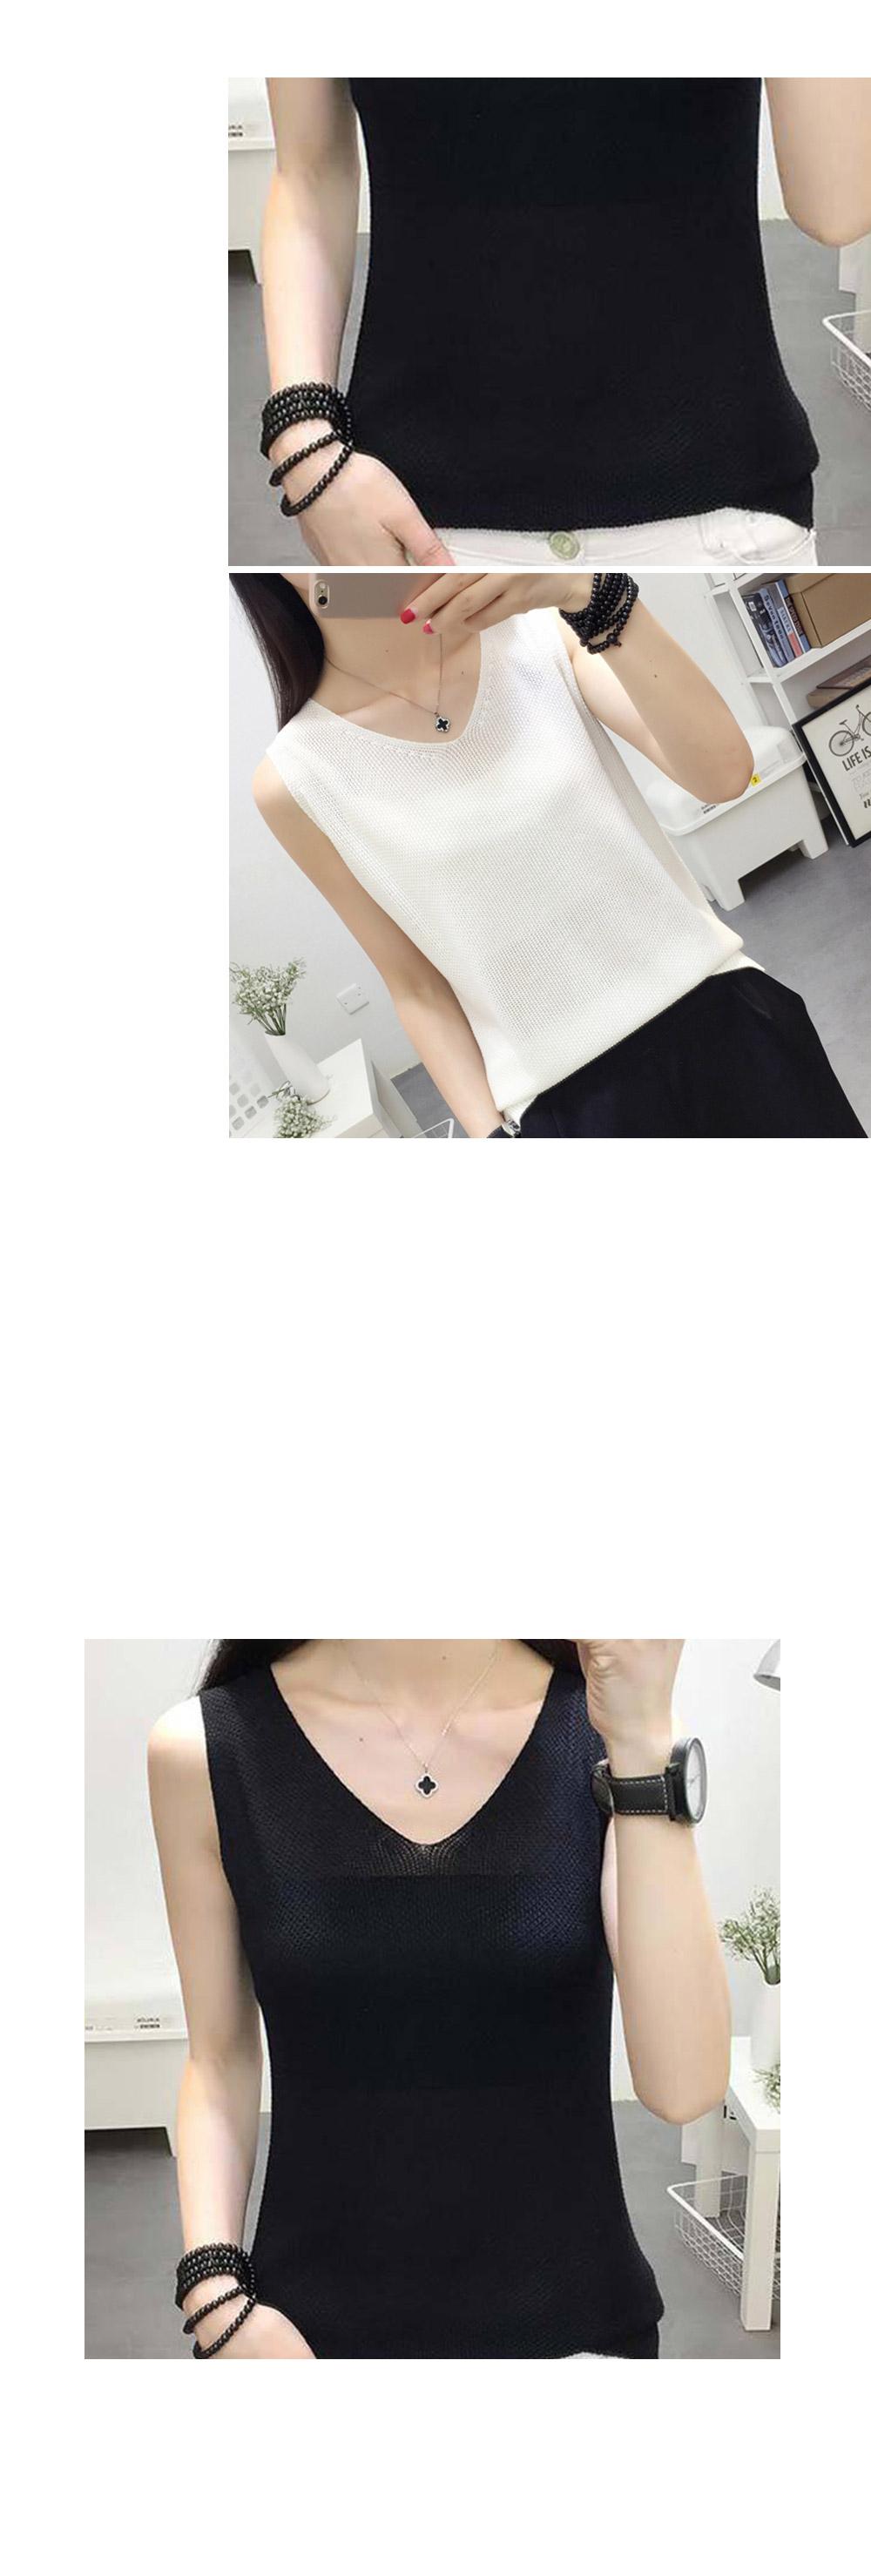 겟잇미 민소매 나시 브이넥 매쉬 나시 - 겟잇미, 10,300원, 상의, 민소매티셔츠